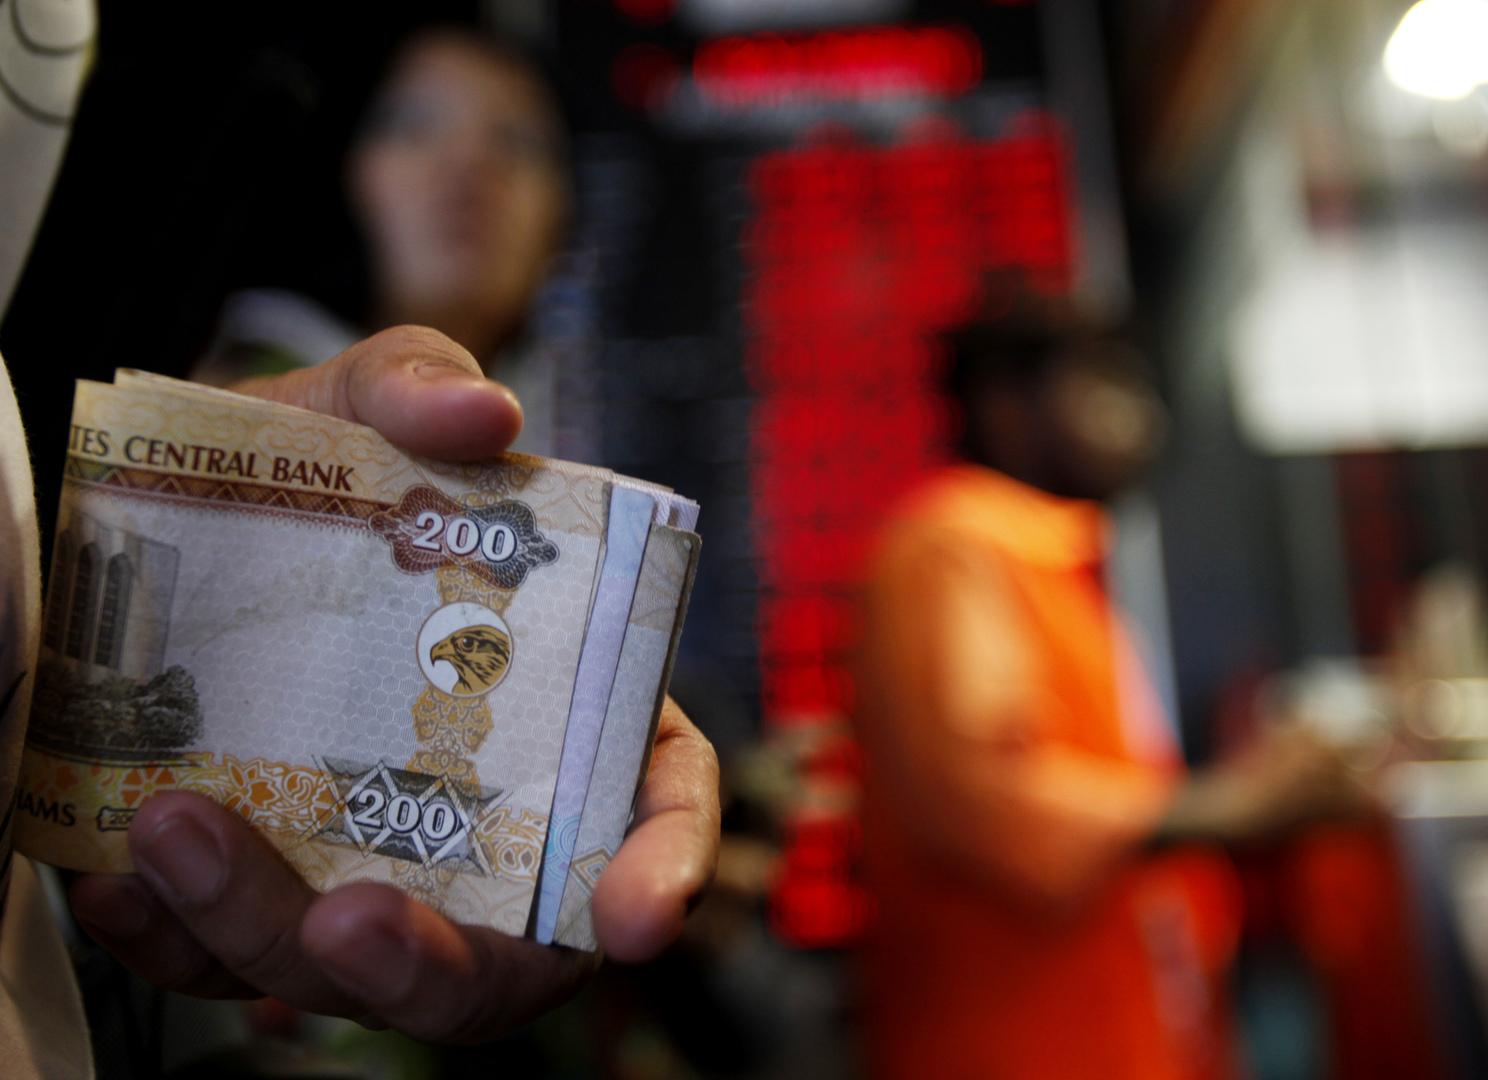 المركزي الإماراتي يرفع سعر فائدة الأساس